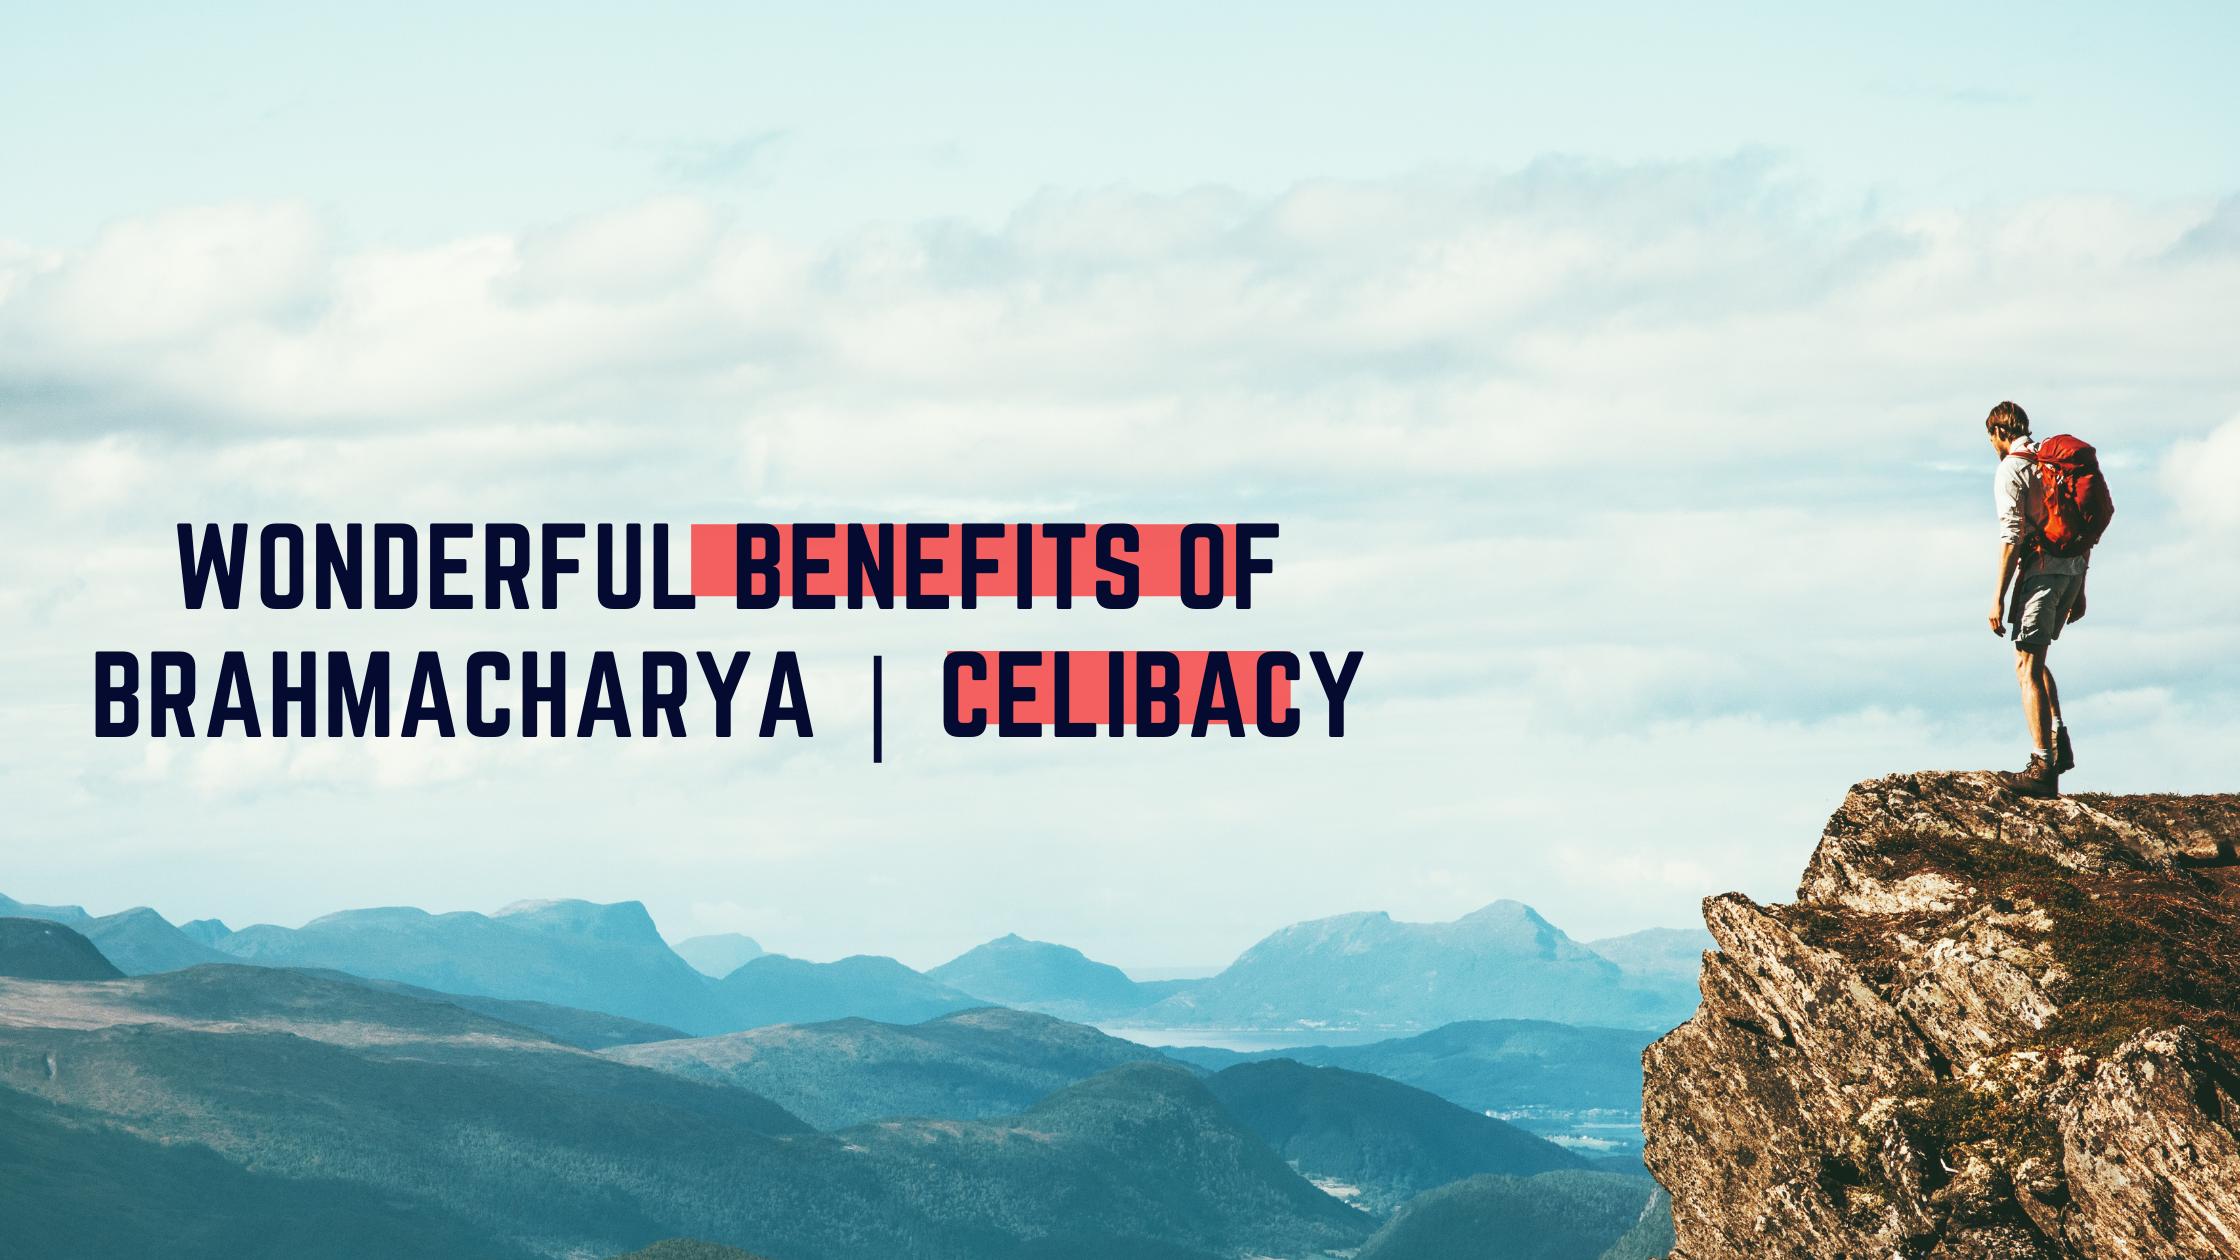 Brahmacharya|celibacy